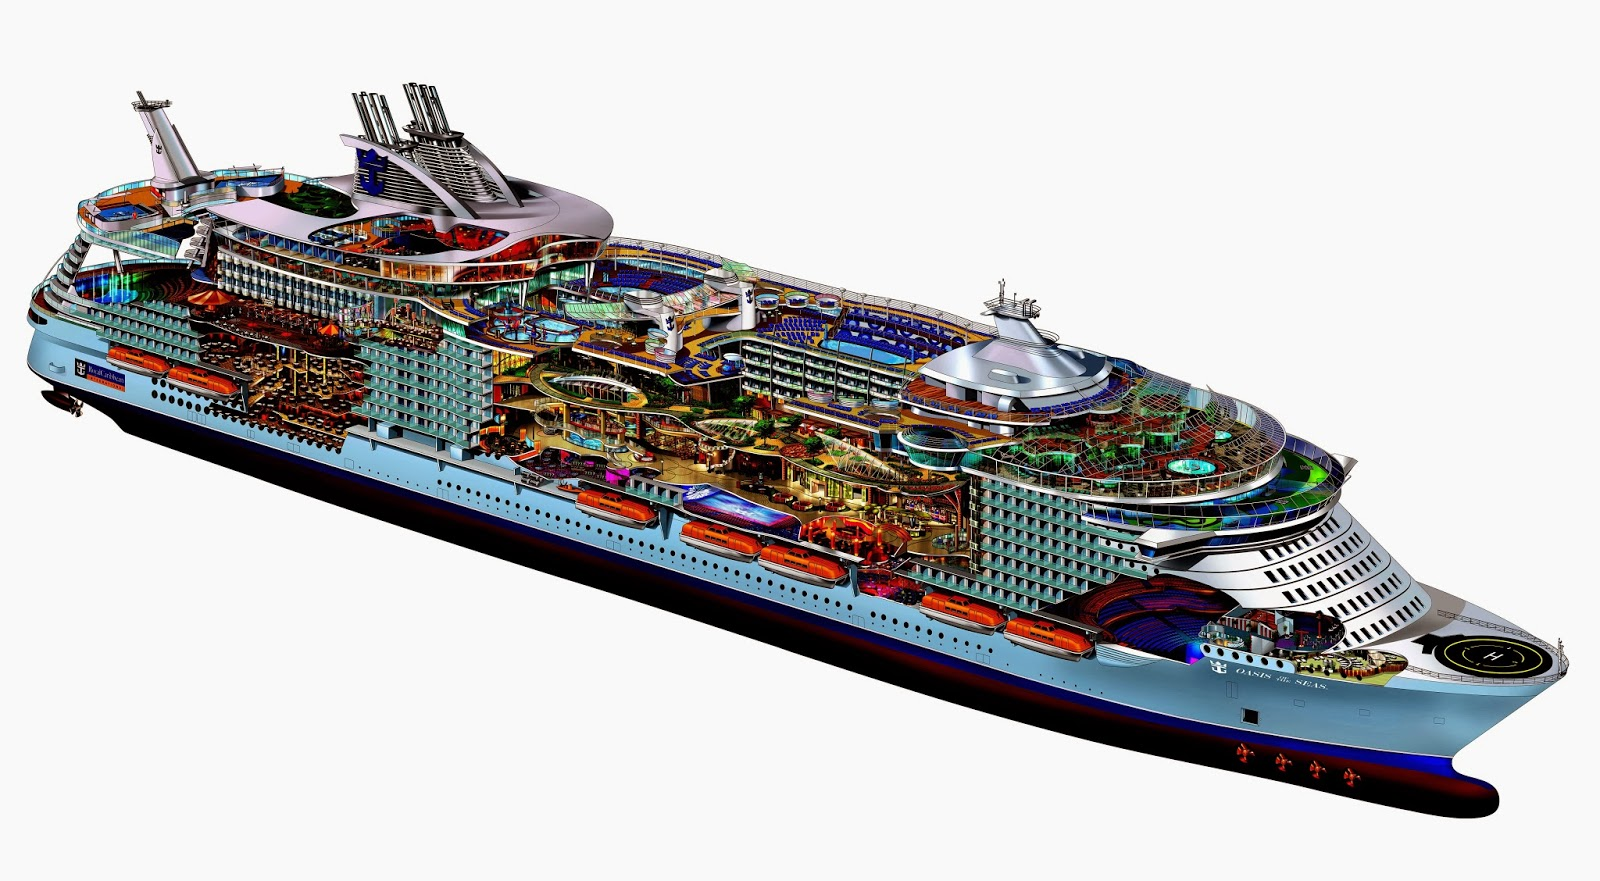 Zwitserw maritiem oasis of the seas het grootste cruiseschip van de wereld - Vloerlamp van de wereld ...